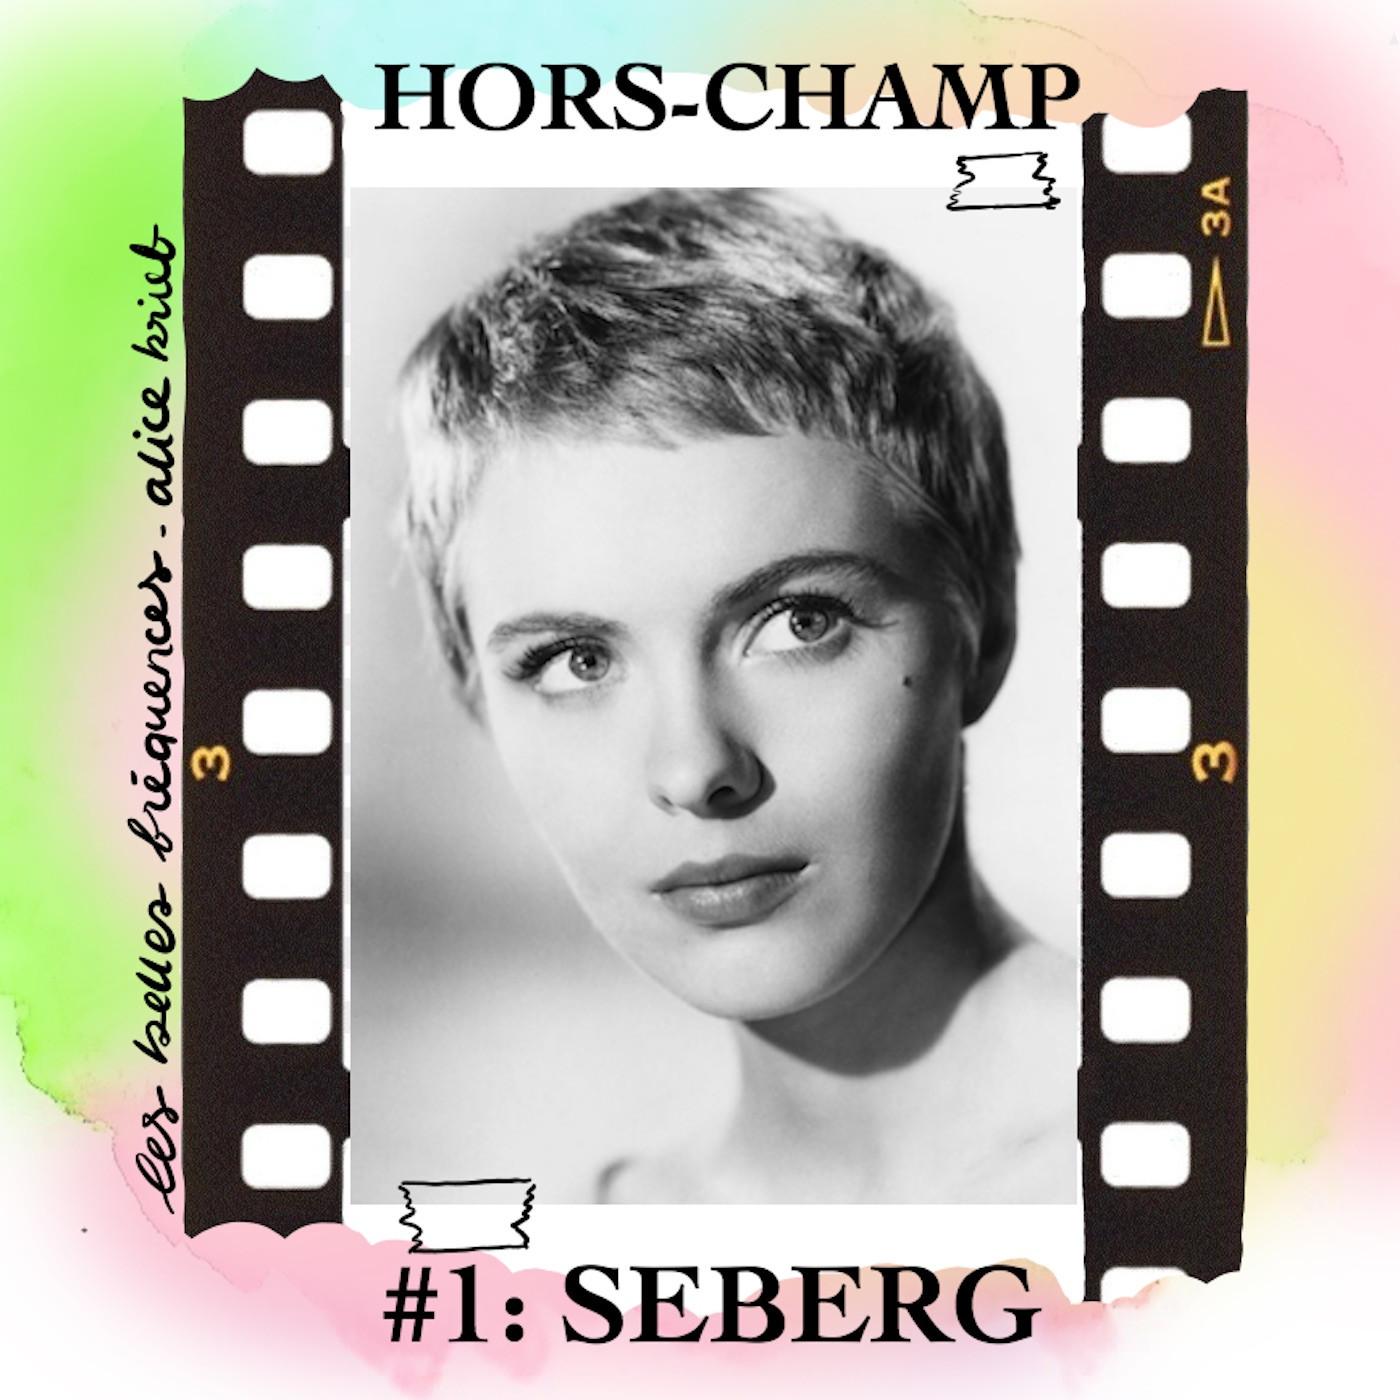 #1 : SEBERG